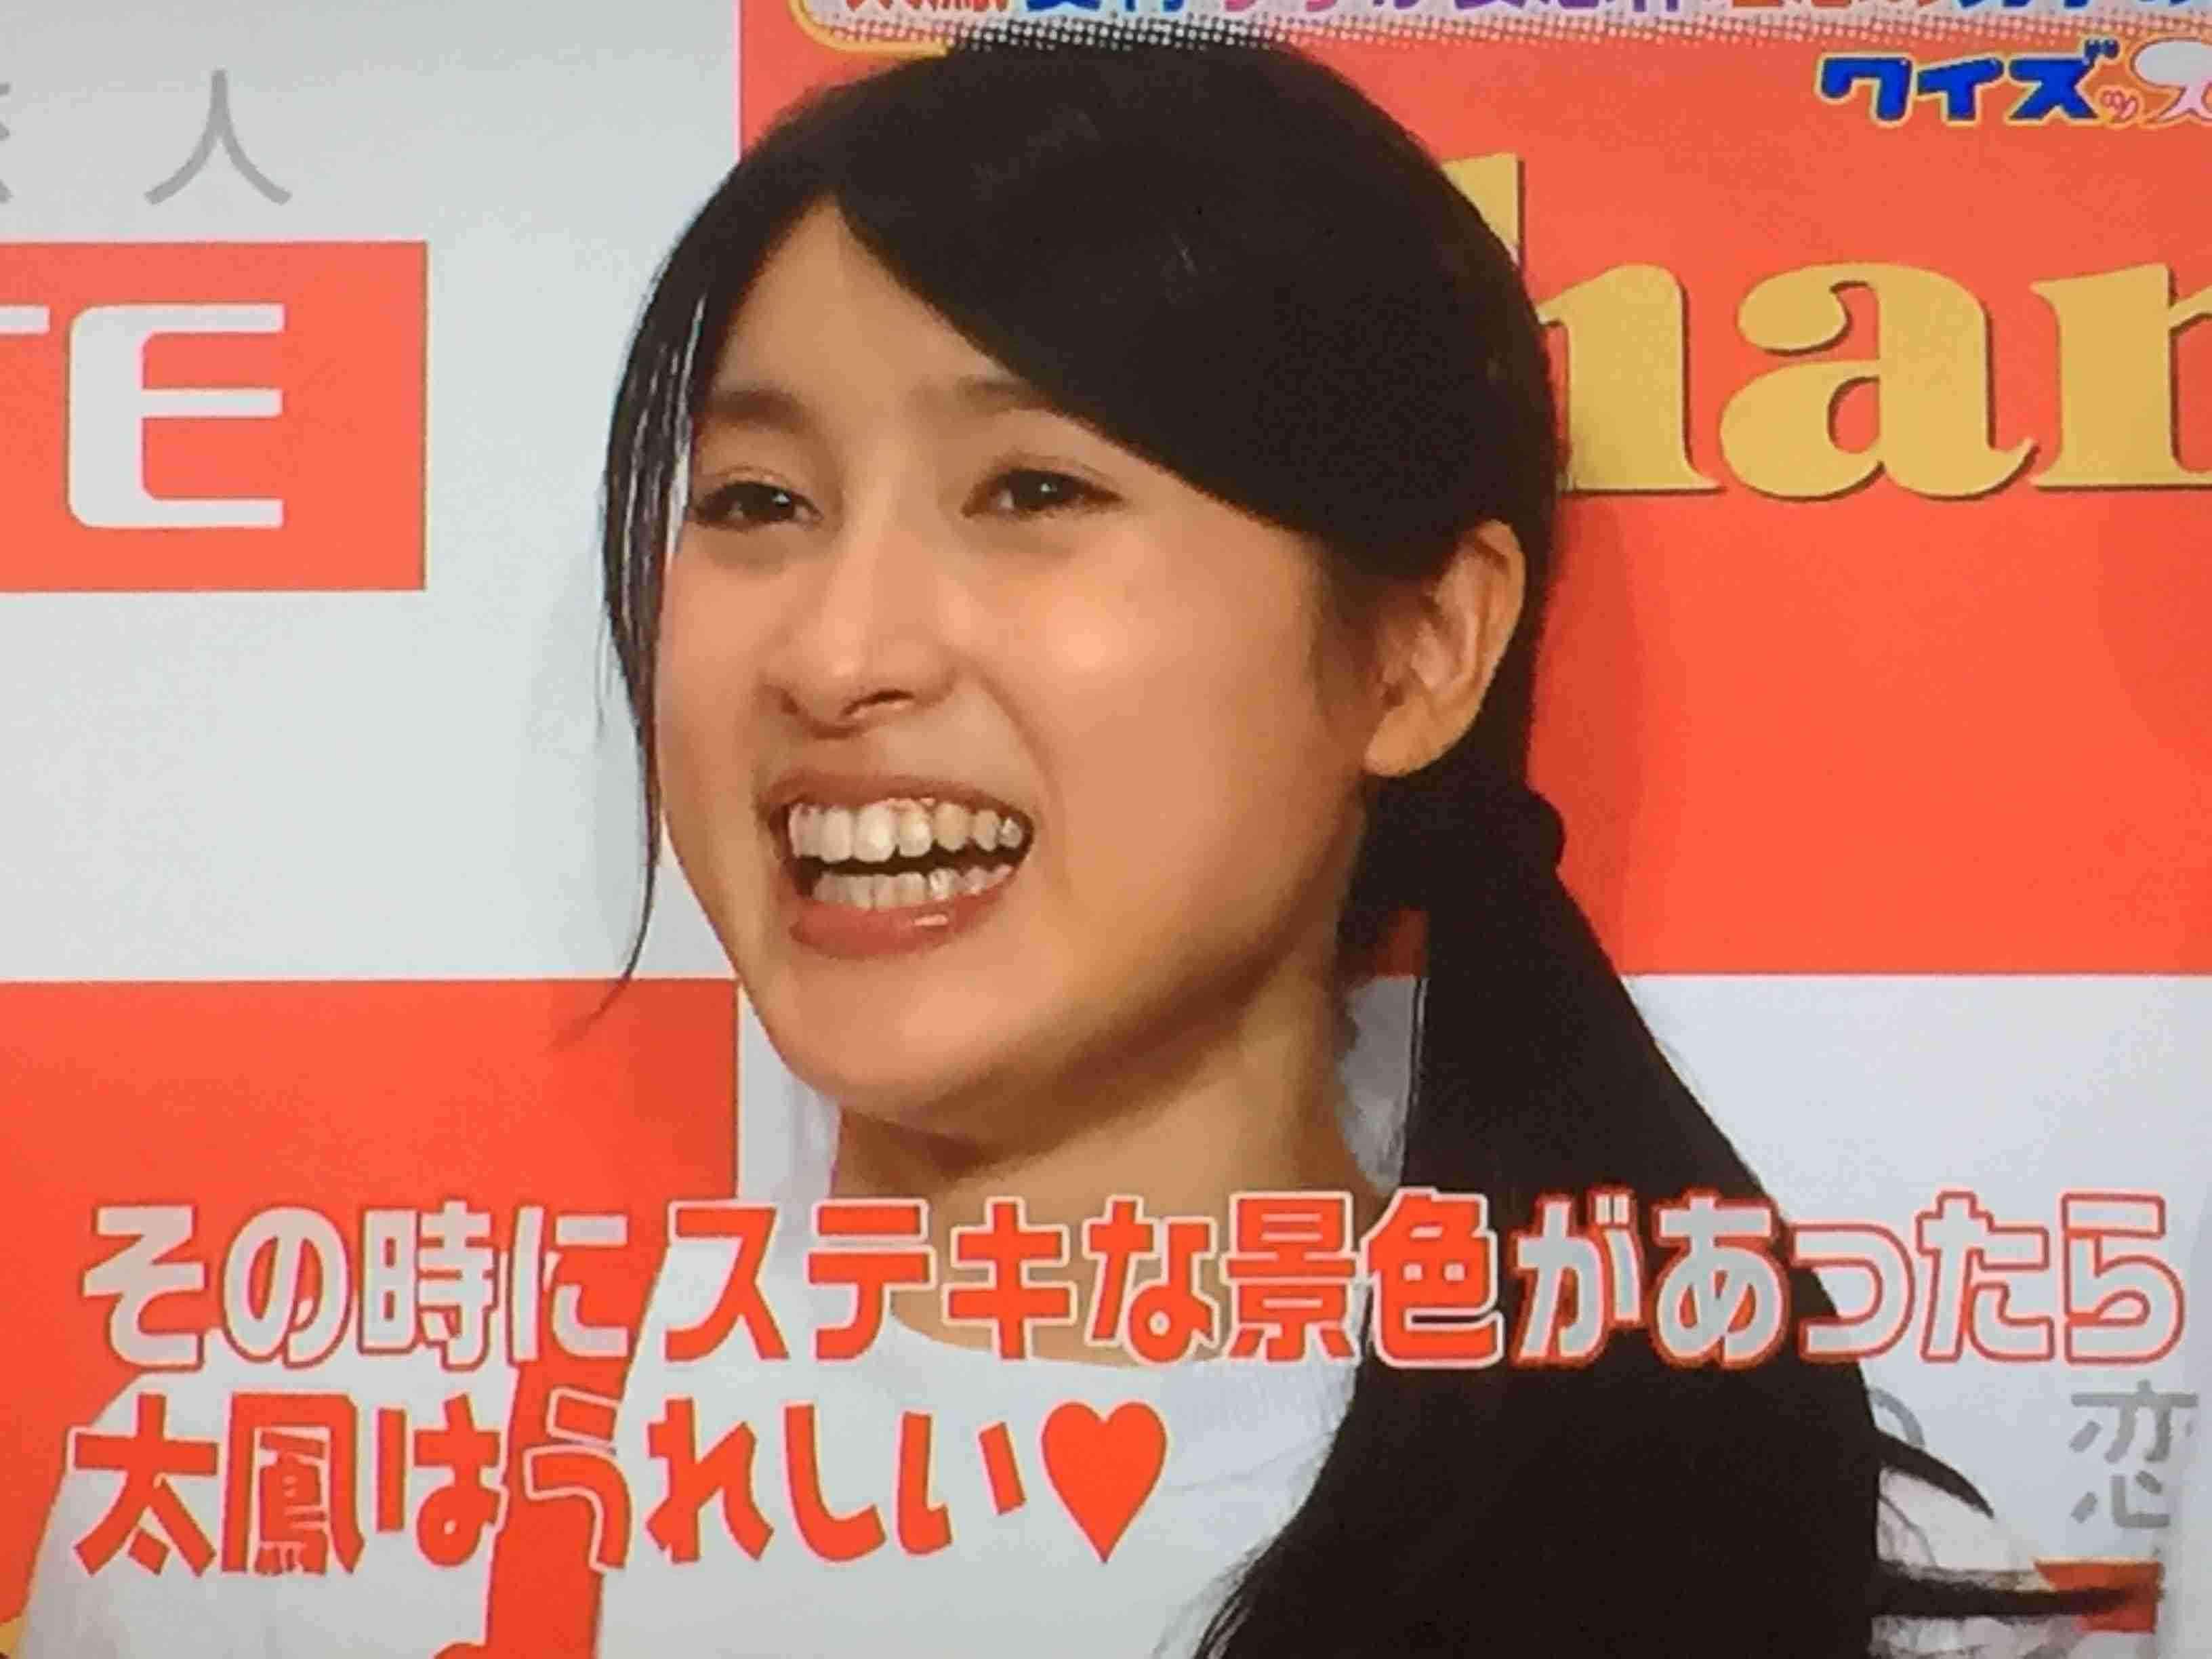 土屋太鳳 佐藤健の体重増減アドバイスに感謝…「健先輩」のおかげです!